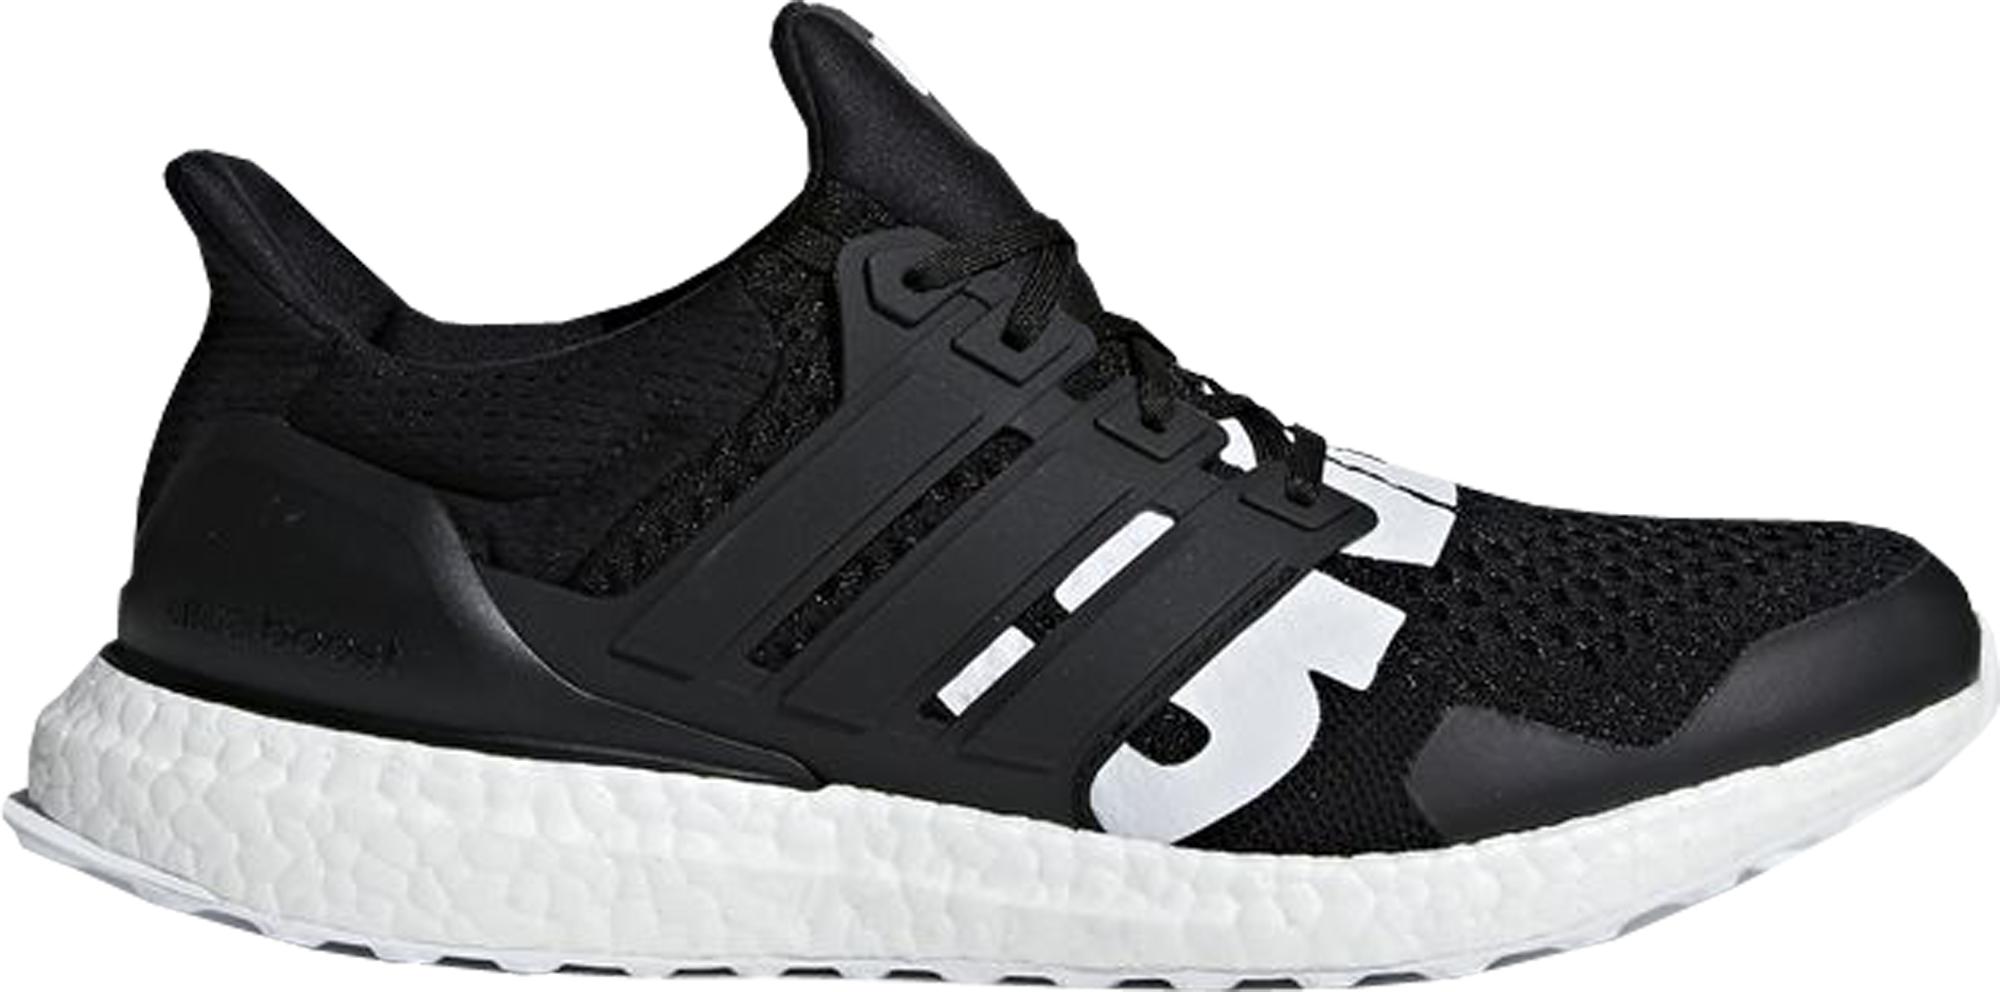 adidas Ultra Boost 4.0 UNDFTD Black